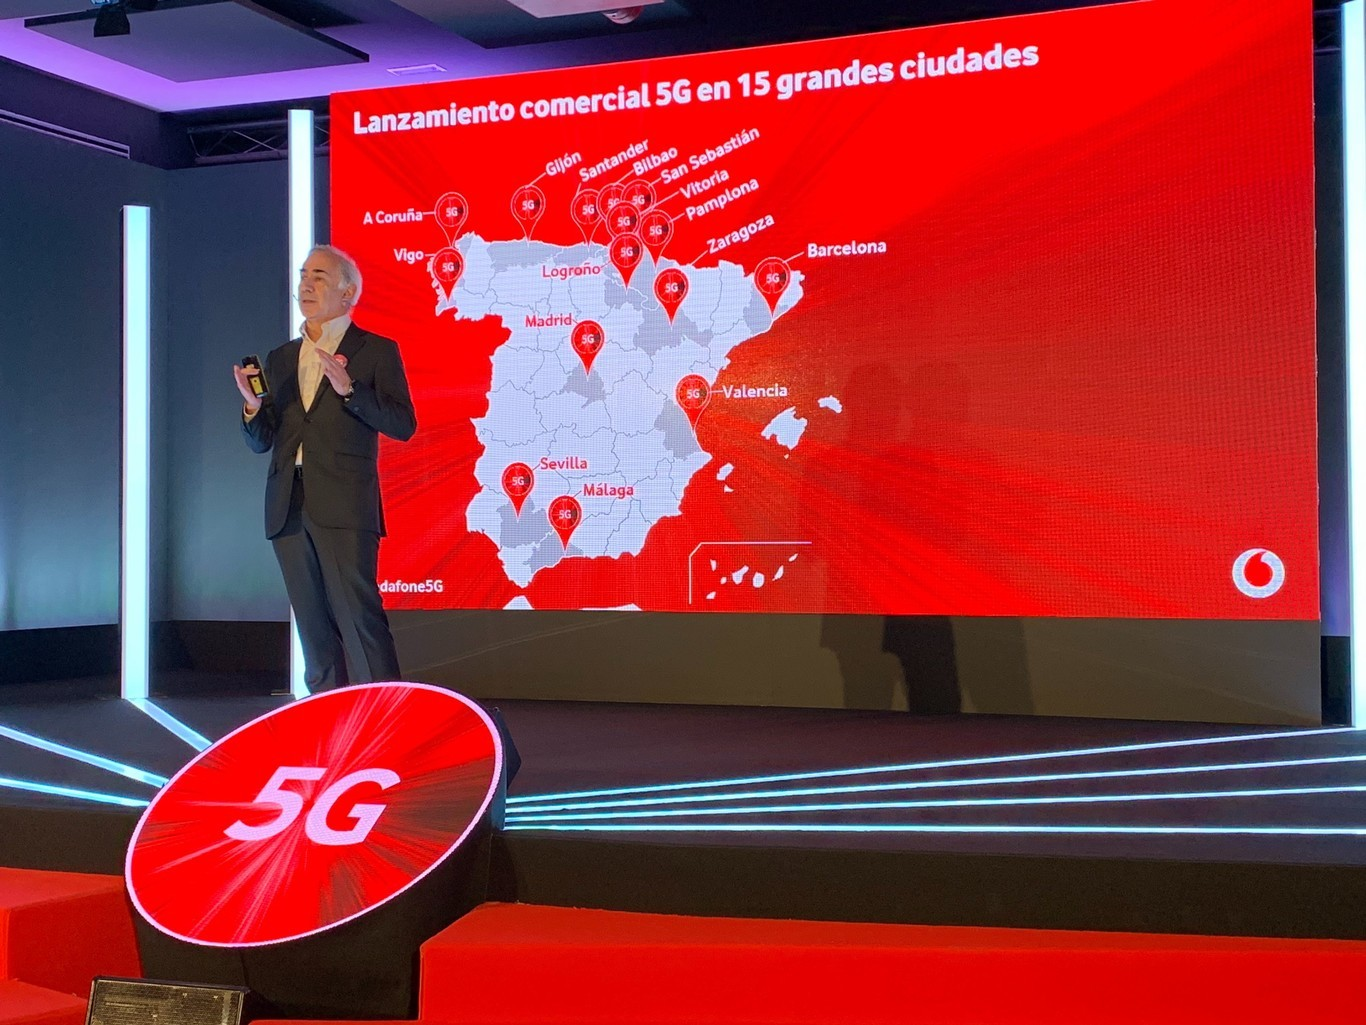 El 5G de Vodafone llega a sus tarifas Vodafone Bit y prepago: vodafone yuser, súper yuser, mega yuser y Mi País